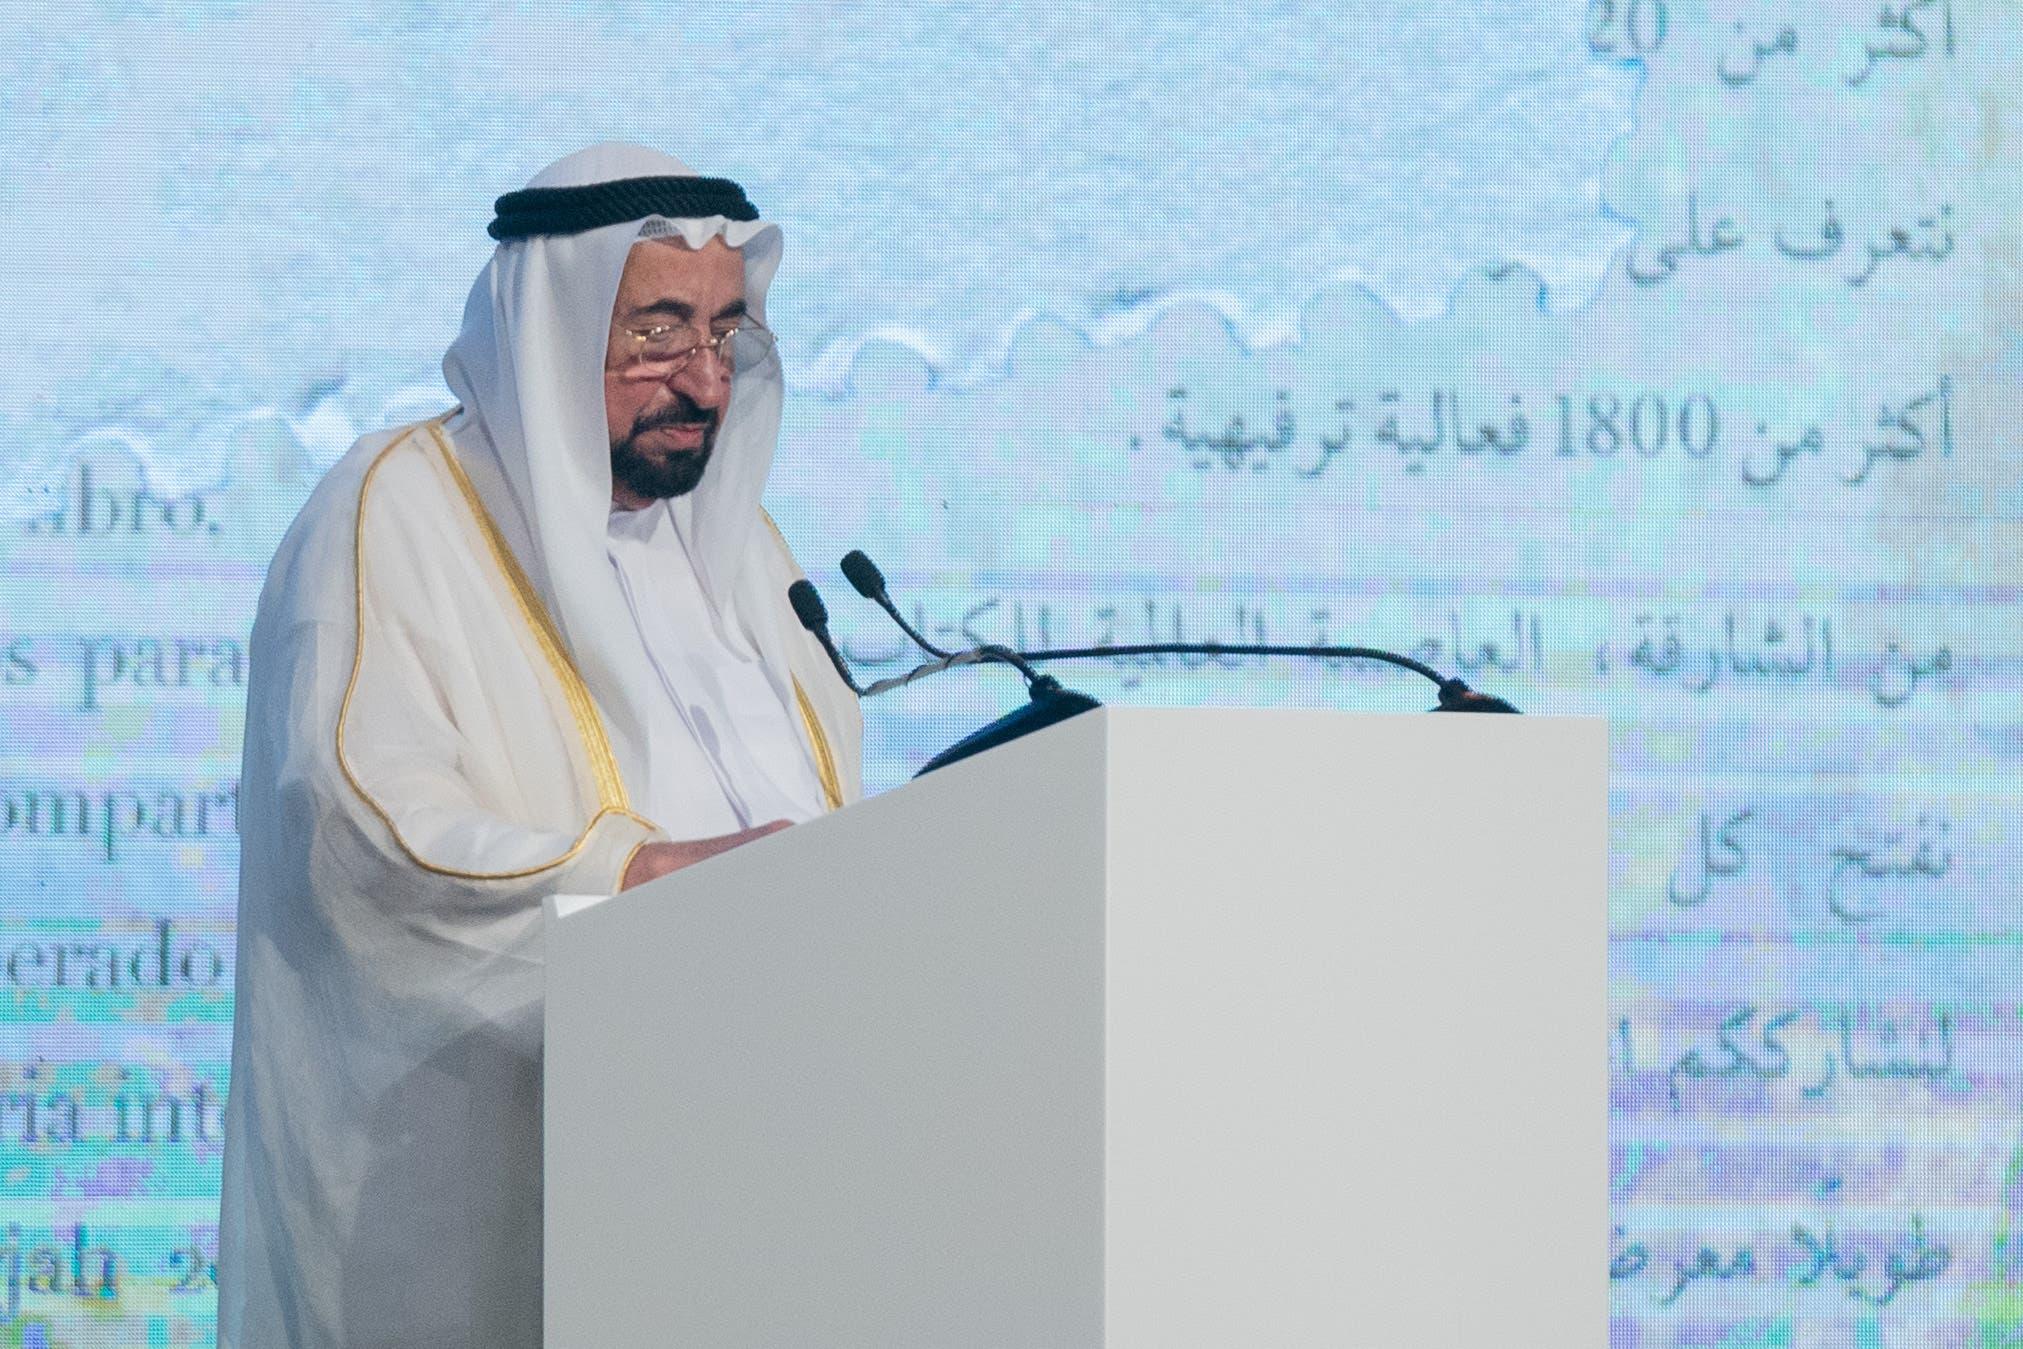 الشيخ سلطان القاسمي حاكم الشارقة خلال افتتاح معرض الشارقة للكتاب